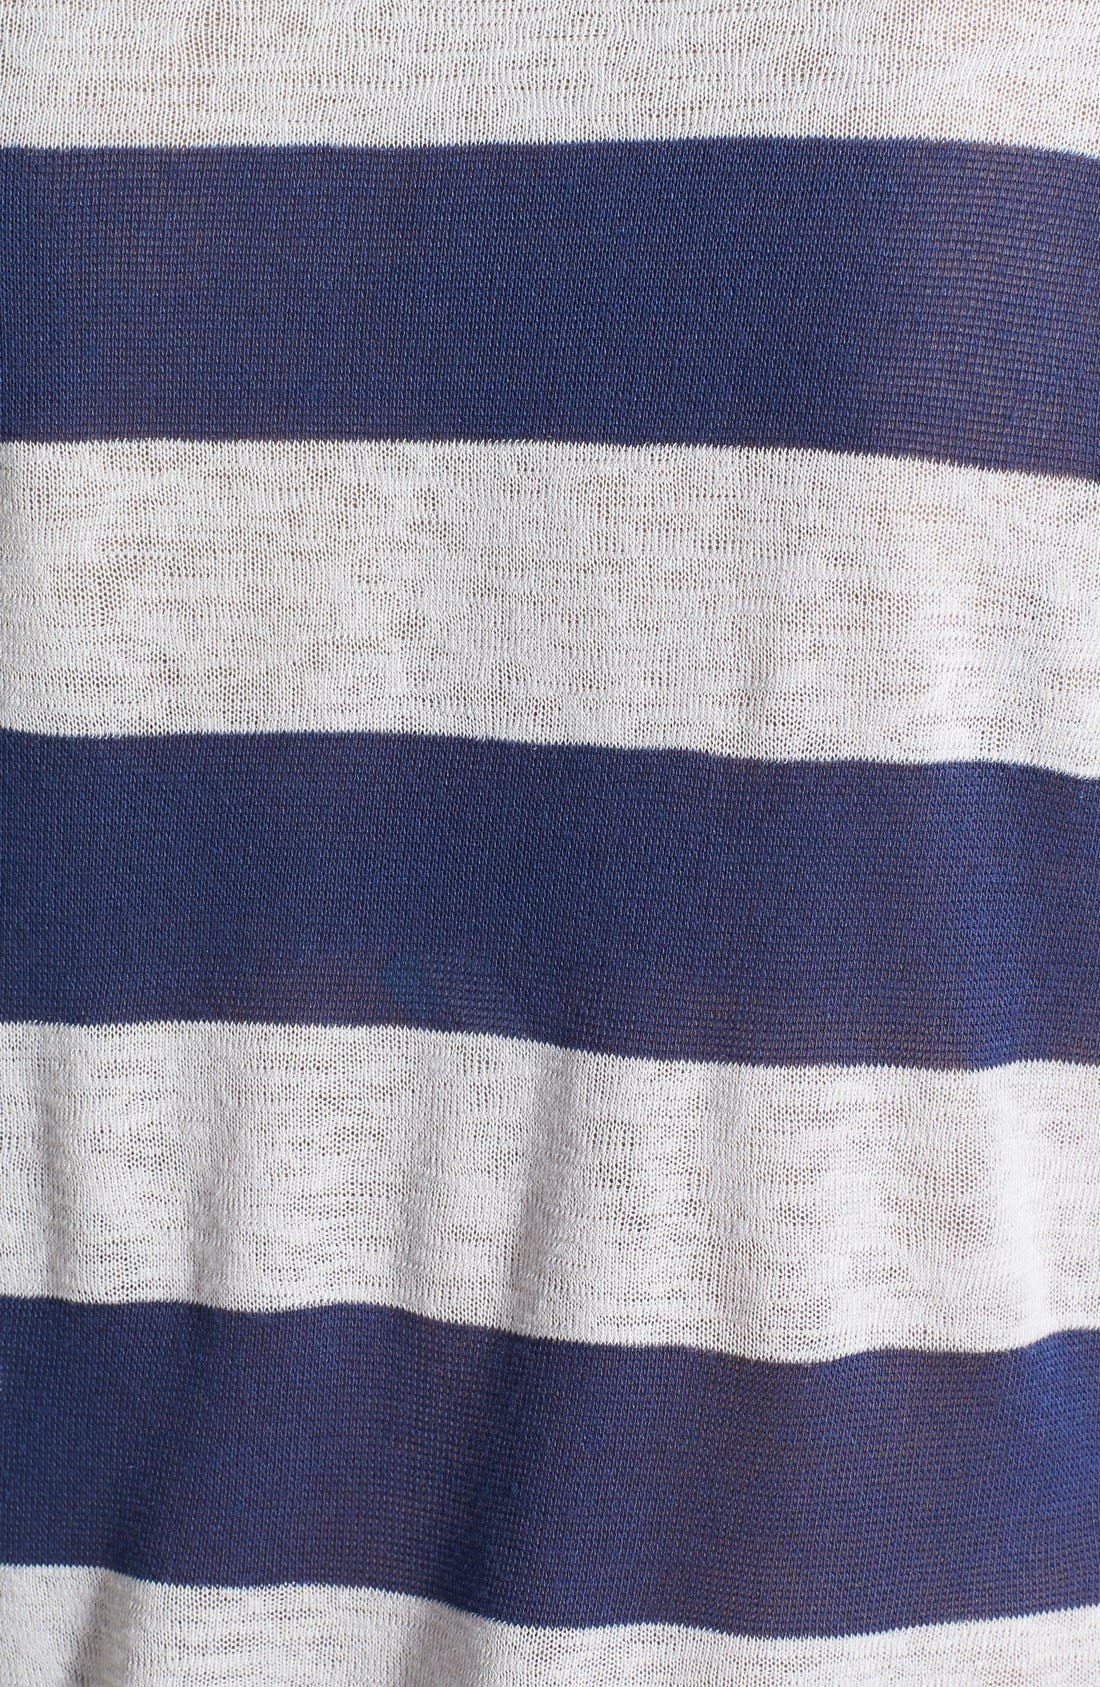 Alternate Image 3  - Olivia Moon Stripe Tee (Regular & Petite)